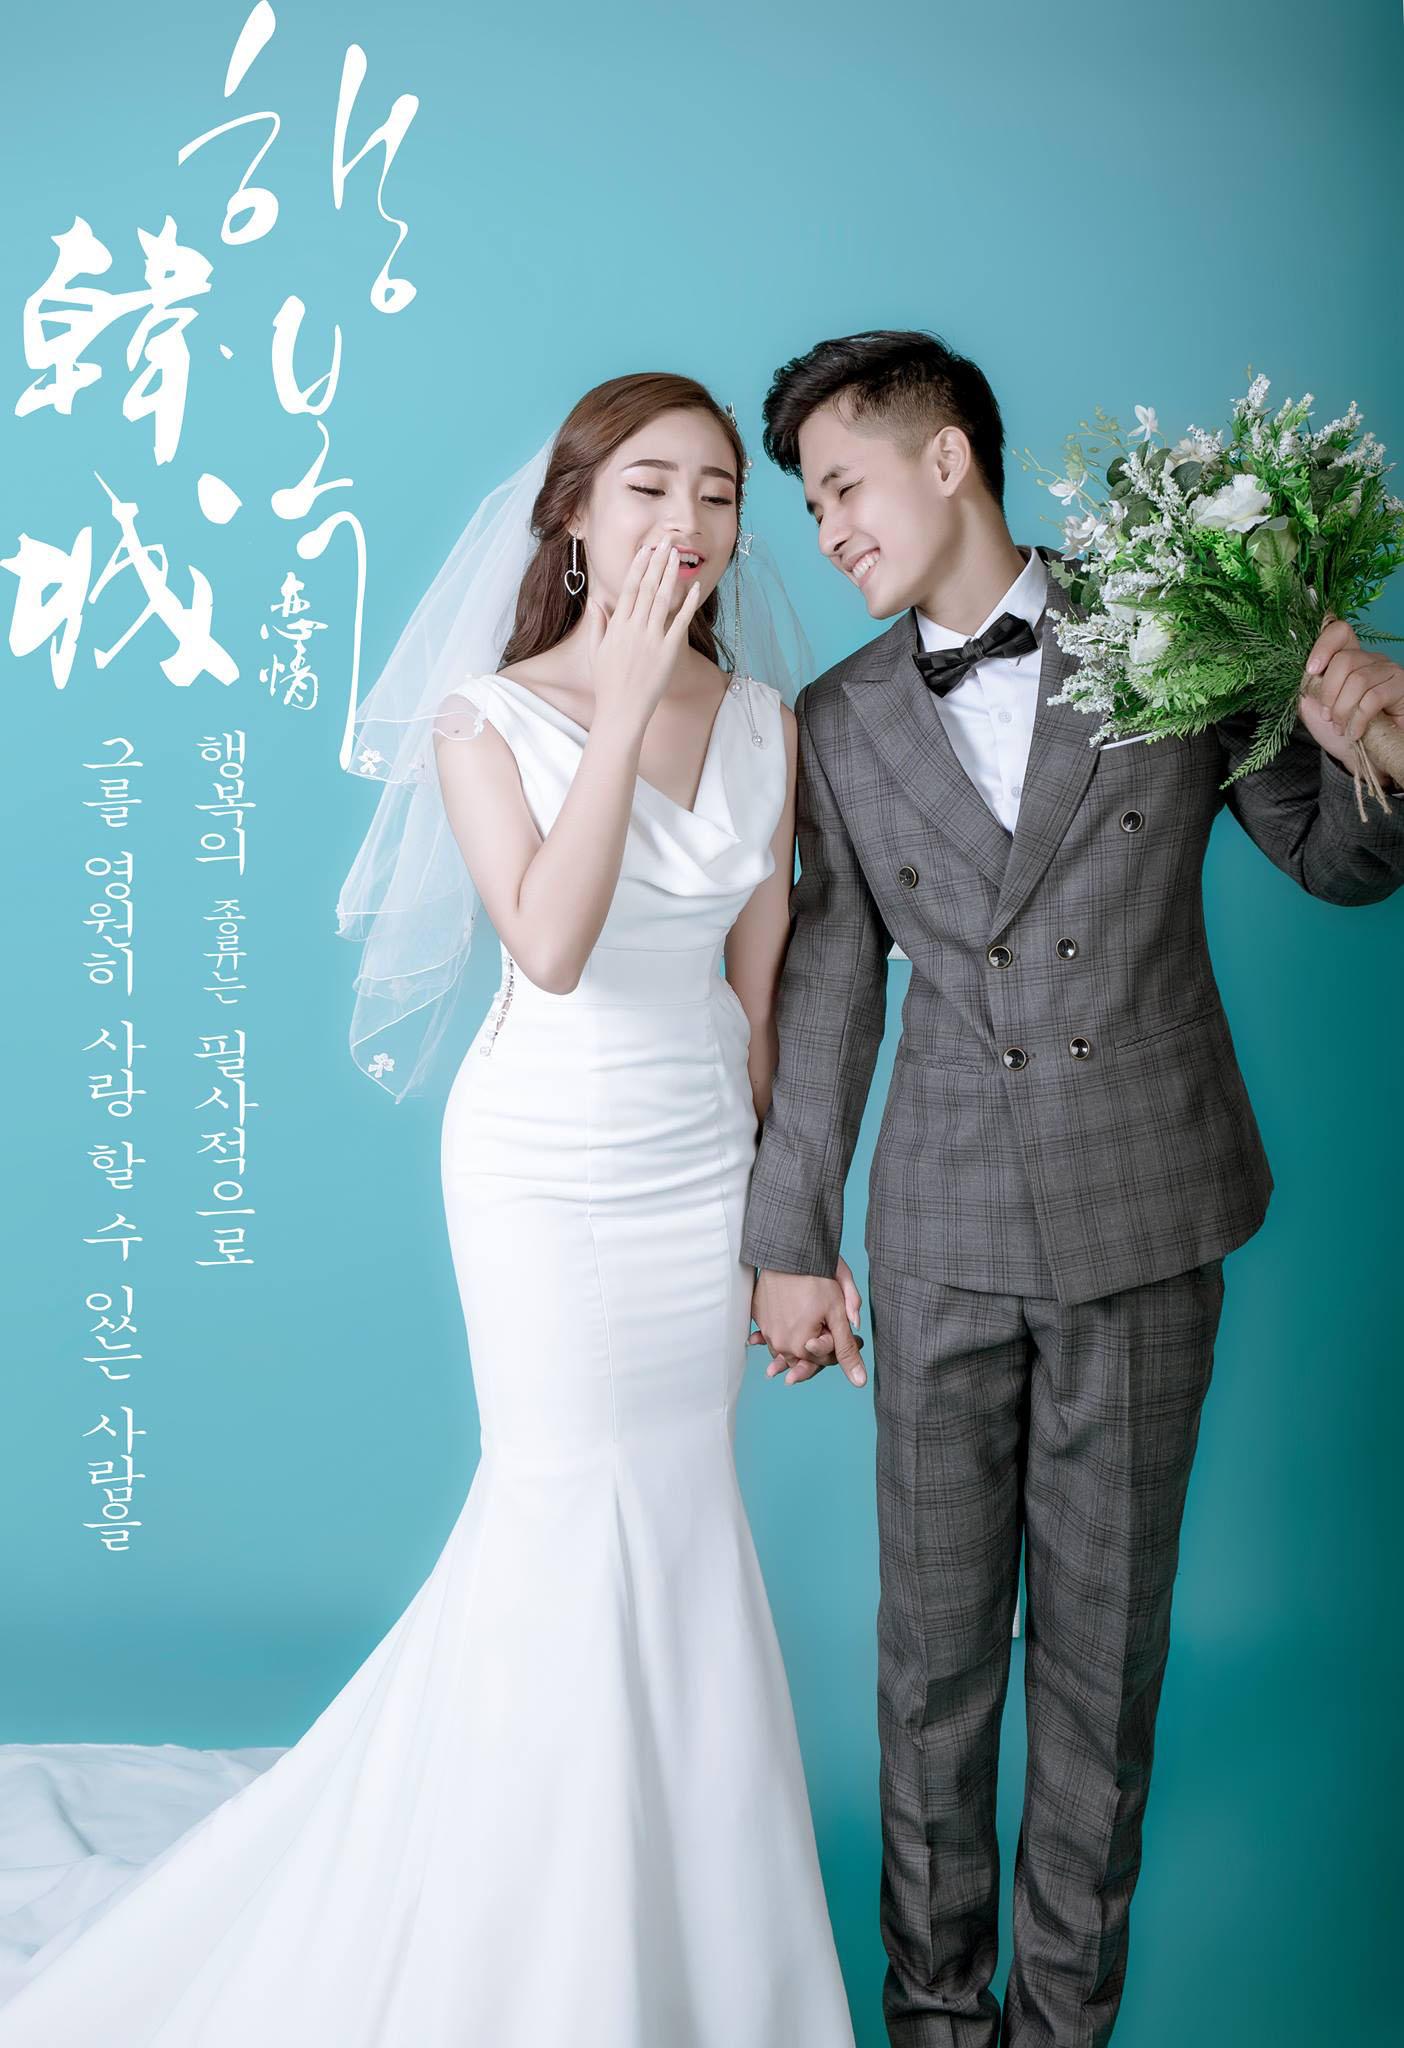 Váy cưới cho cô dâu thấp bé